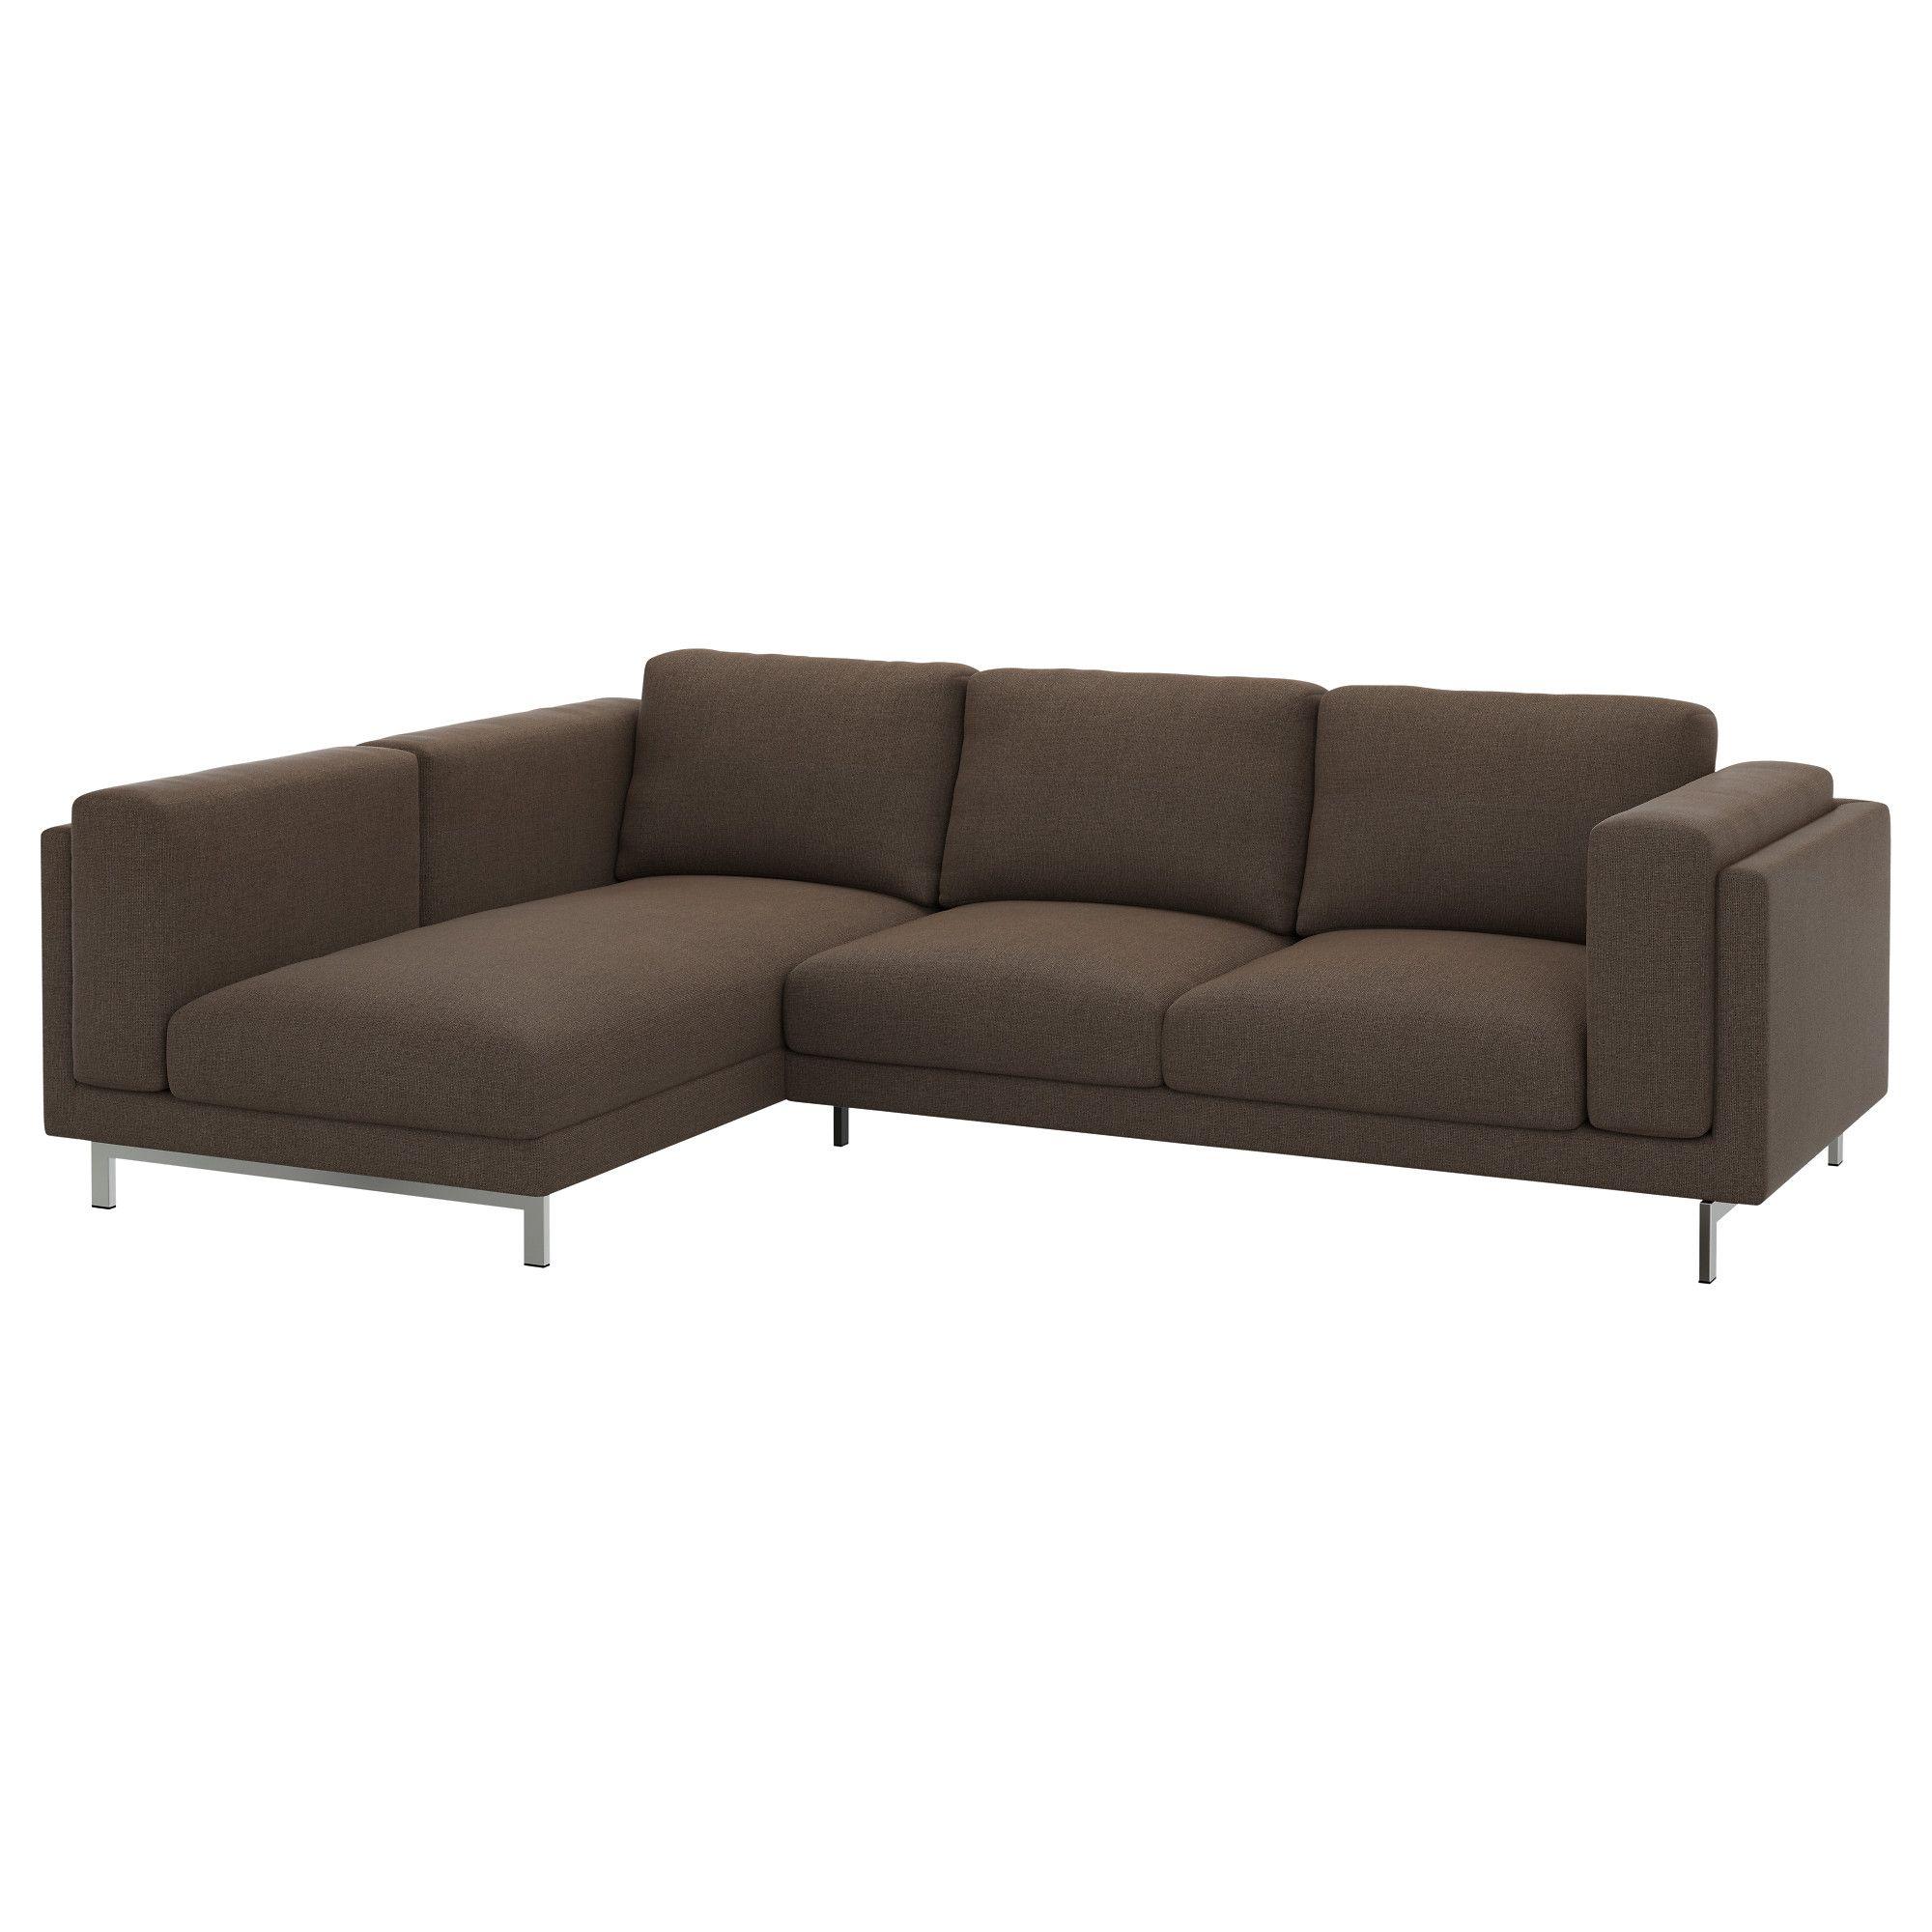 nockeby 2er sofa mit rcamiere links ten braun braun jetzt bestellen unter - Wohnzimmer Couch Gunstig